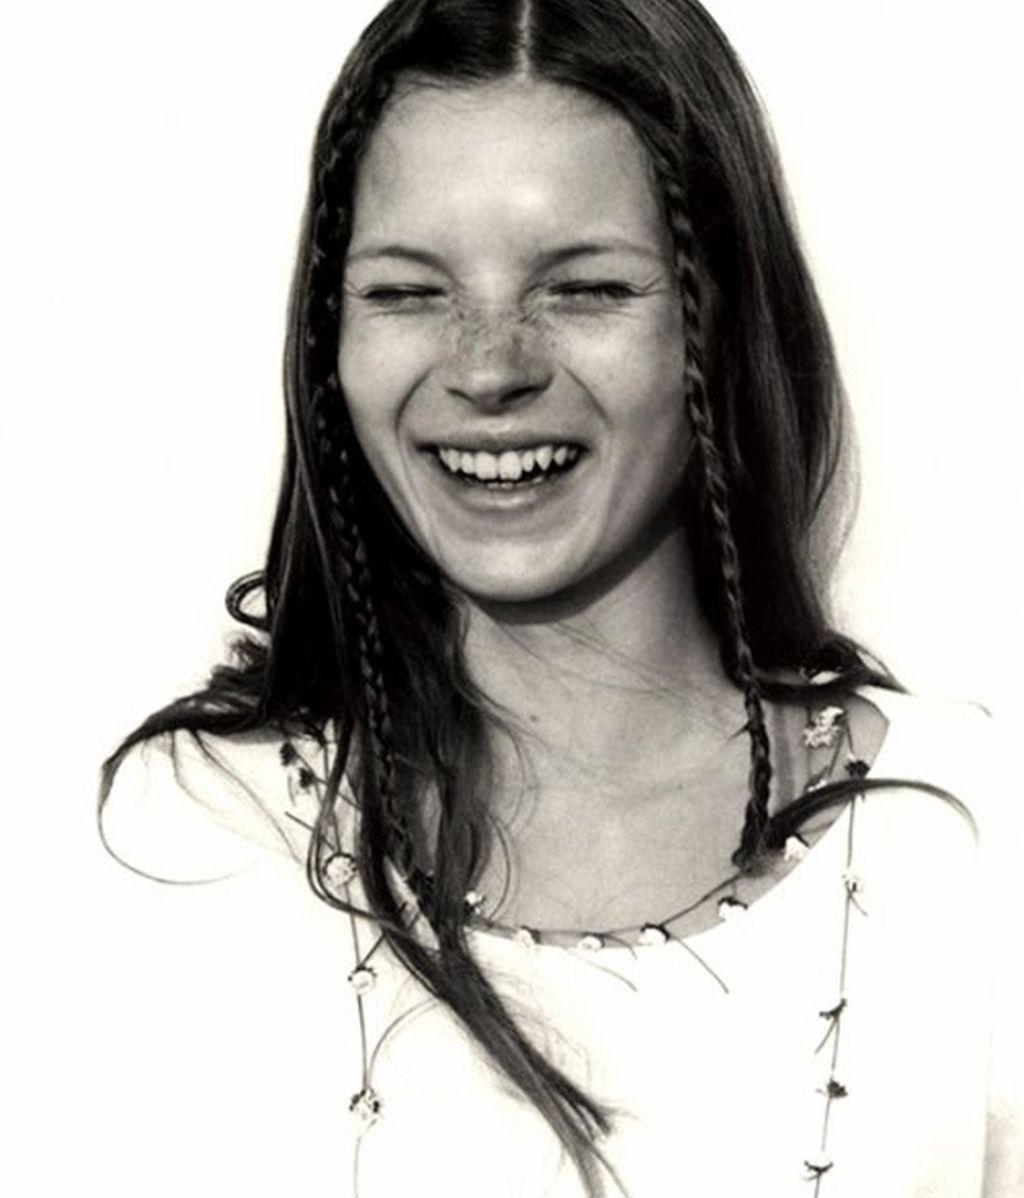 Las fotos de Kate Moss podrían salvar la vida de su descubridora